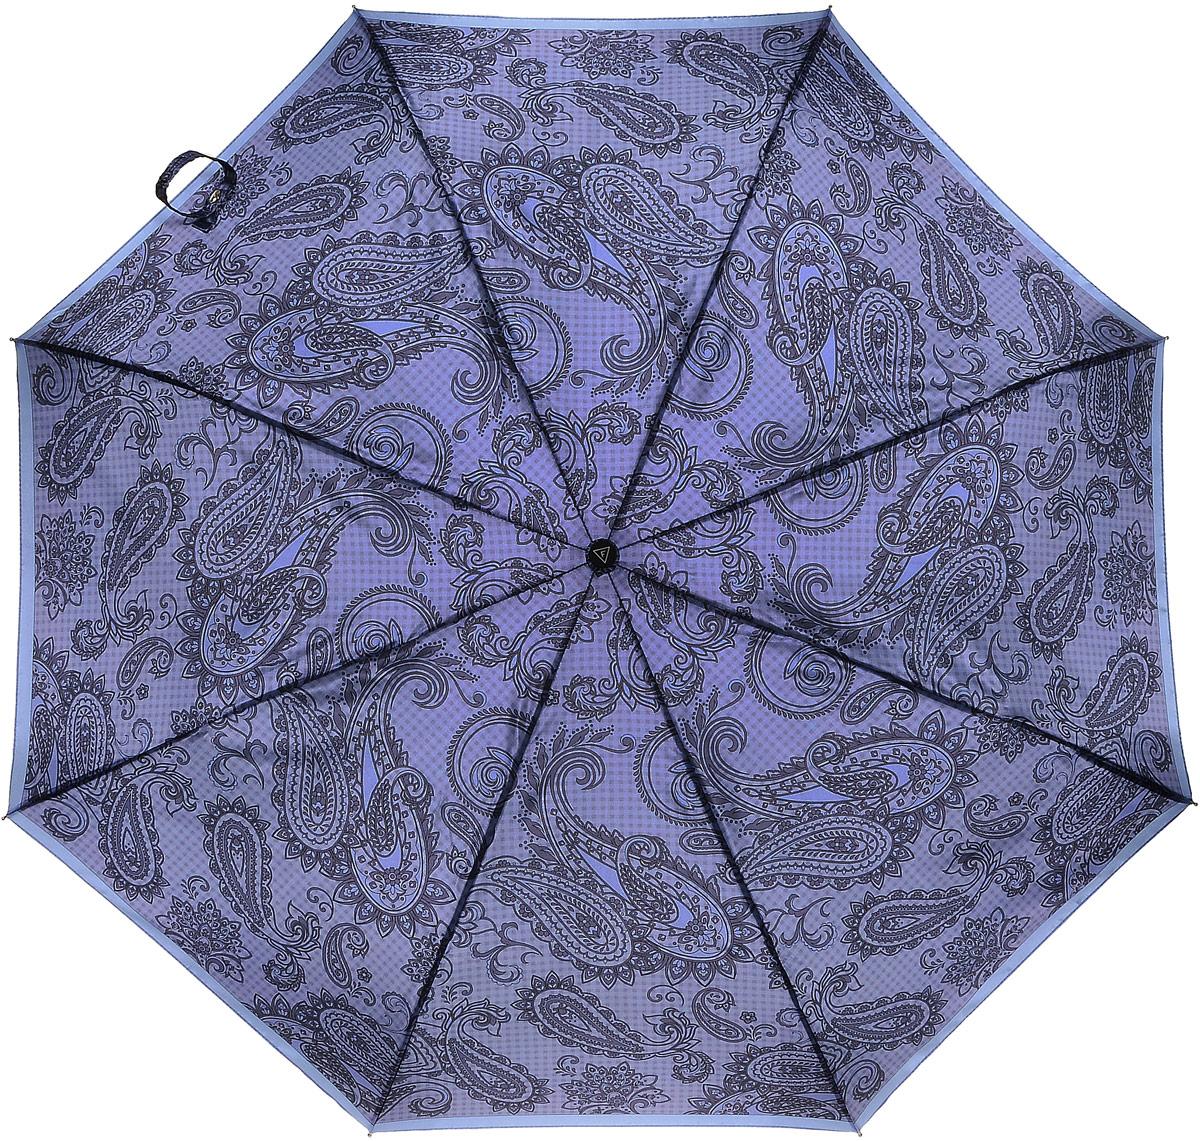 Зонт женский Fabretti, автомат, 3 сложения, цвет: фиолетовый, сиреневый, голубой. S-16107-1S-16107-1Элегантный женский зонт Fabretti не даст вам промокнуть. Купол зонта выполнен из качественного полиэстера и оформлен оригинальным принтом. Прочный каркас выполнен из металла. Система антиветер позволяет выдержать сильные порывы ветра. Зонт дополнен удобной пластиковой ручкой с противоскользящей обработкой. Ручка оснащена эластичной петлей, благодаря которой зонт можно носить на запястье. Изделие имеет автоматический механизм сложения: купол открывается и закрывается нажатием кнопки на ручке, стержень складывается вручную до характерного щелчка, благодаря чему открыть и закрыть зонт можно одной рукой. В сложенном виде зонт фиксируется с помощью хлястика с кнопкой. К зонту прилагается чехол, закрывающийся на застежку-молнию. Стильный и практичный аксессуар даже в ненастную погоду позволит вам оставаться неотразимой.